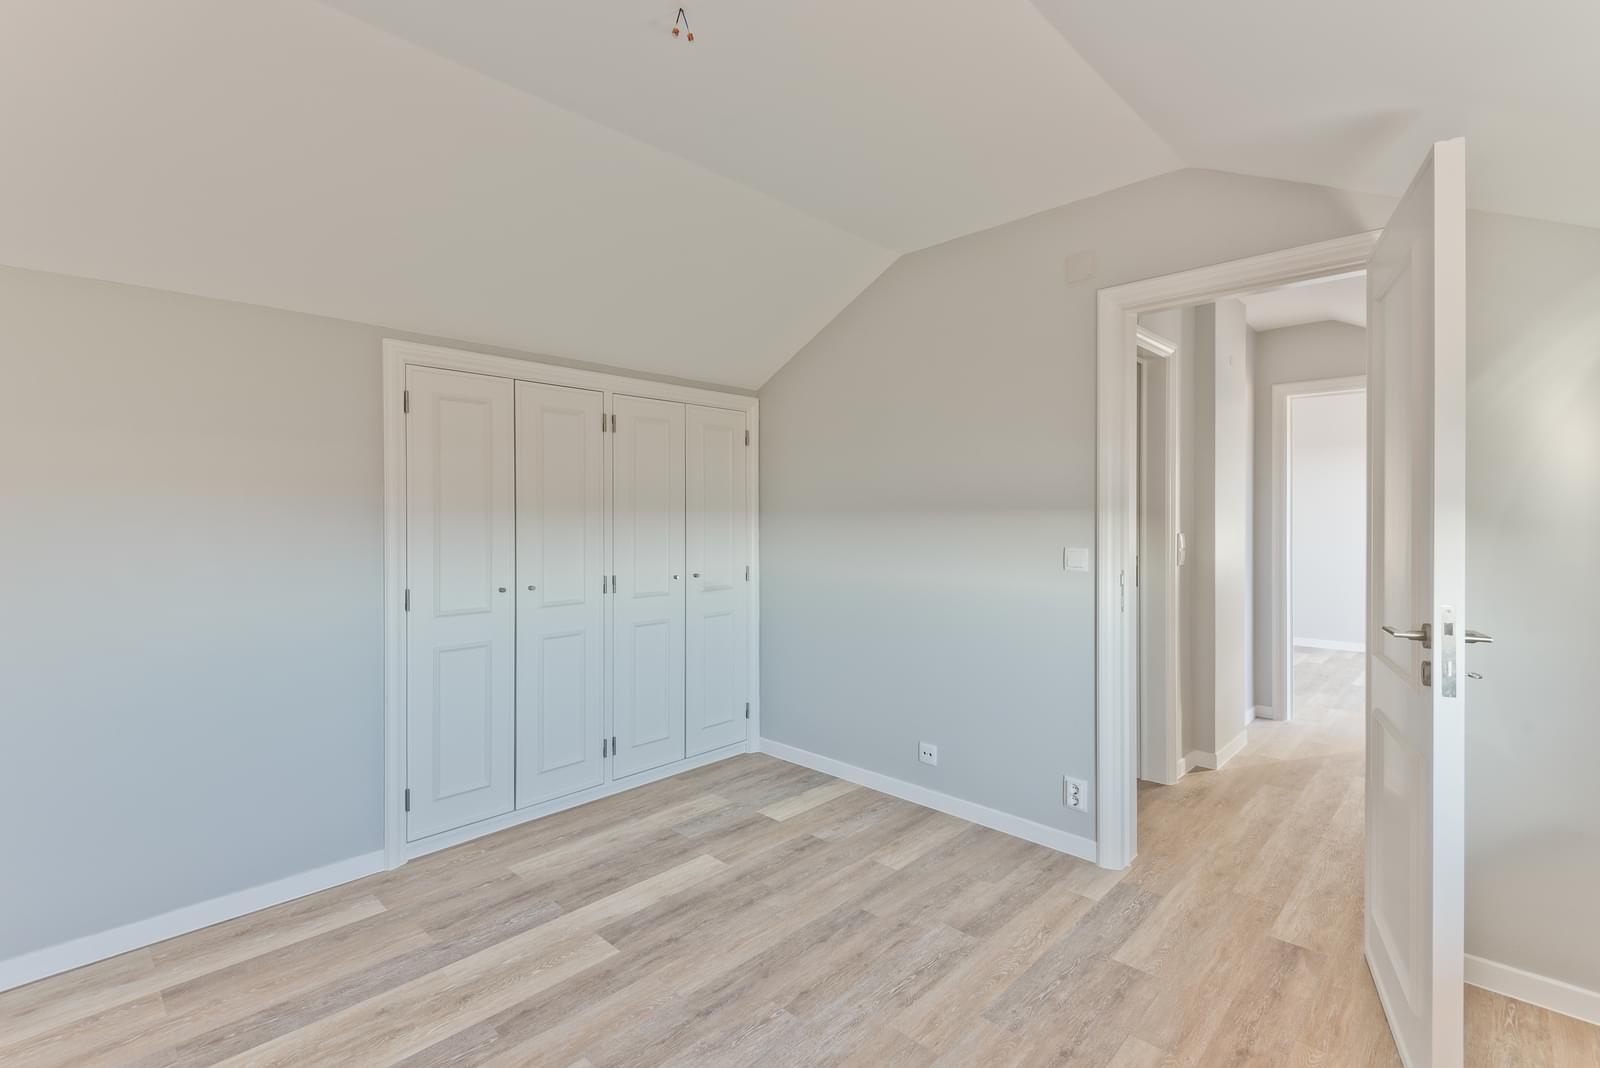 pf18956-apartamento-t3-1-cascais-5129add8-8a62-47e5-9f4c-327be607f92e